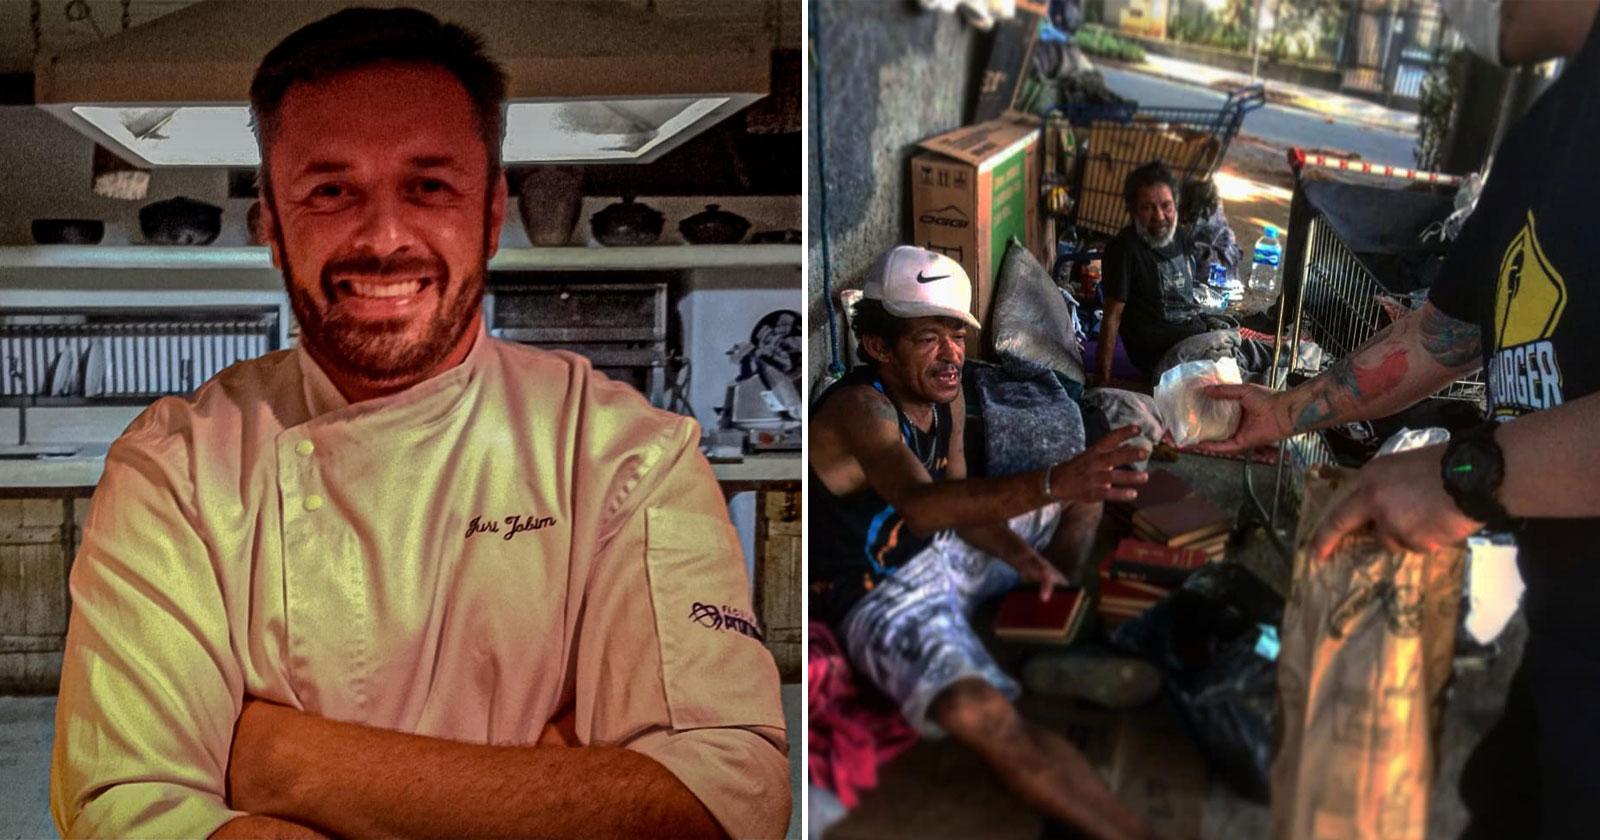 Após vencer as drogas, chef de cozinha leva hambúrguer e amor a desabrigados em BH 1